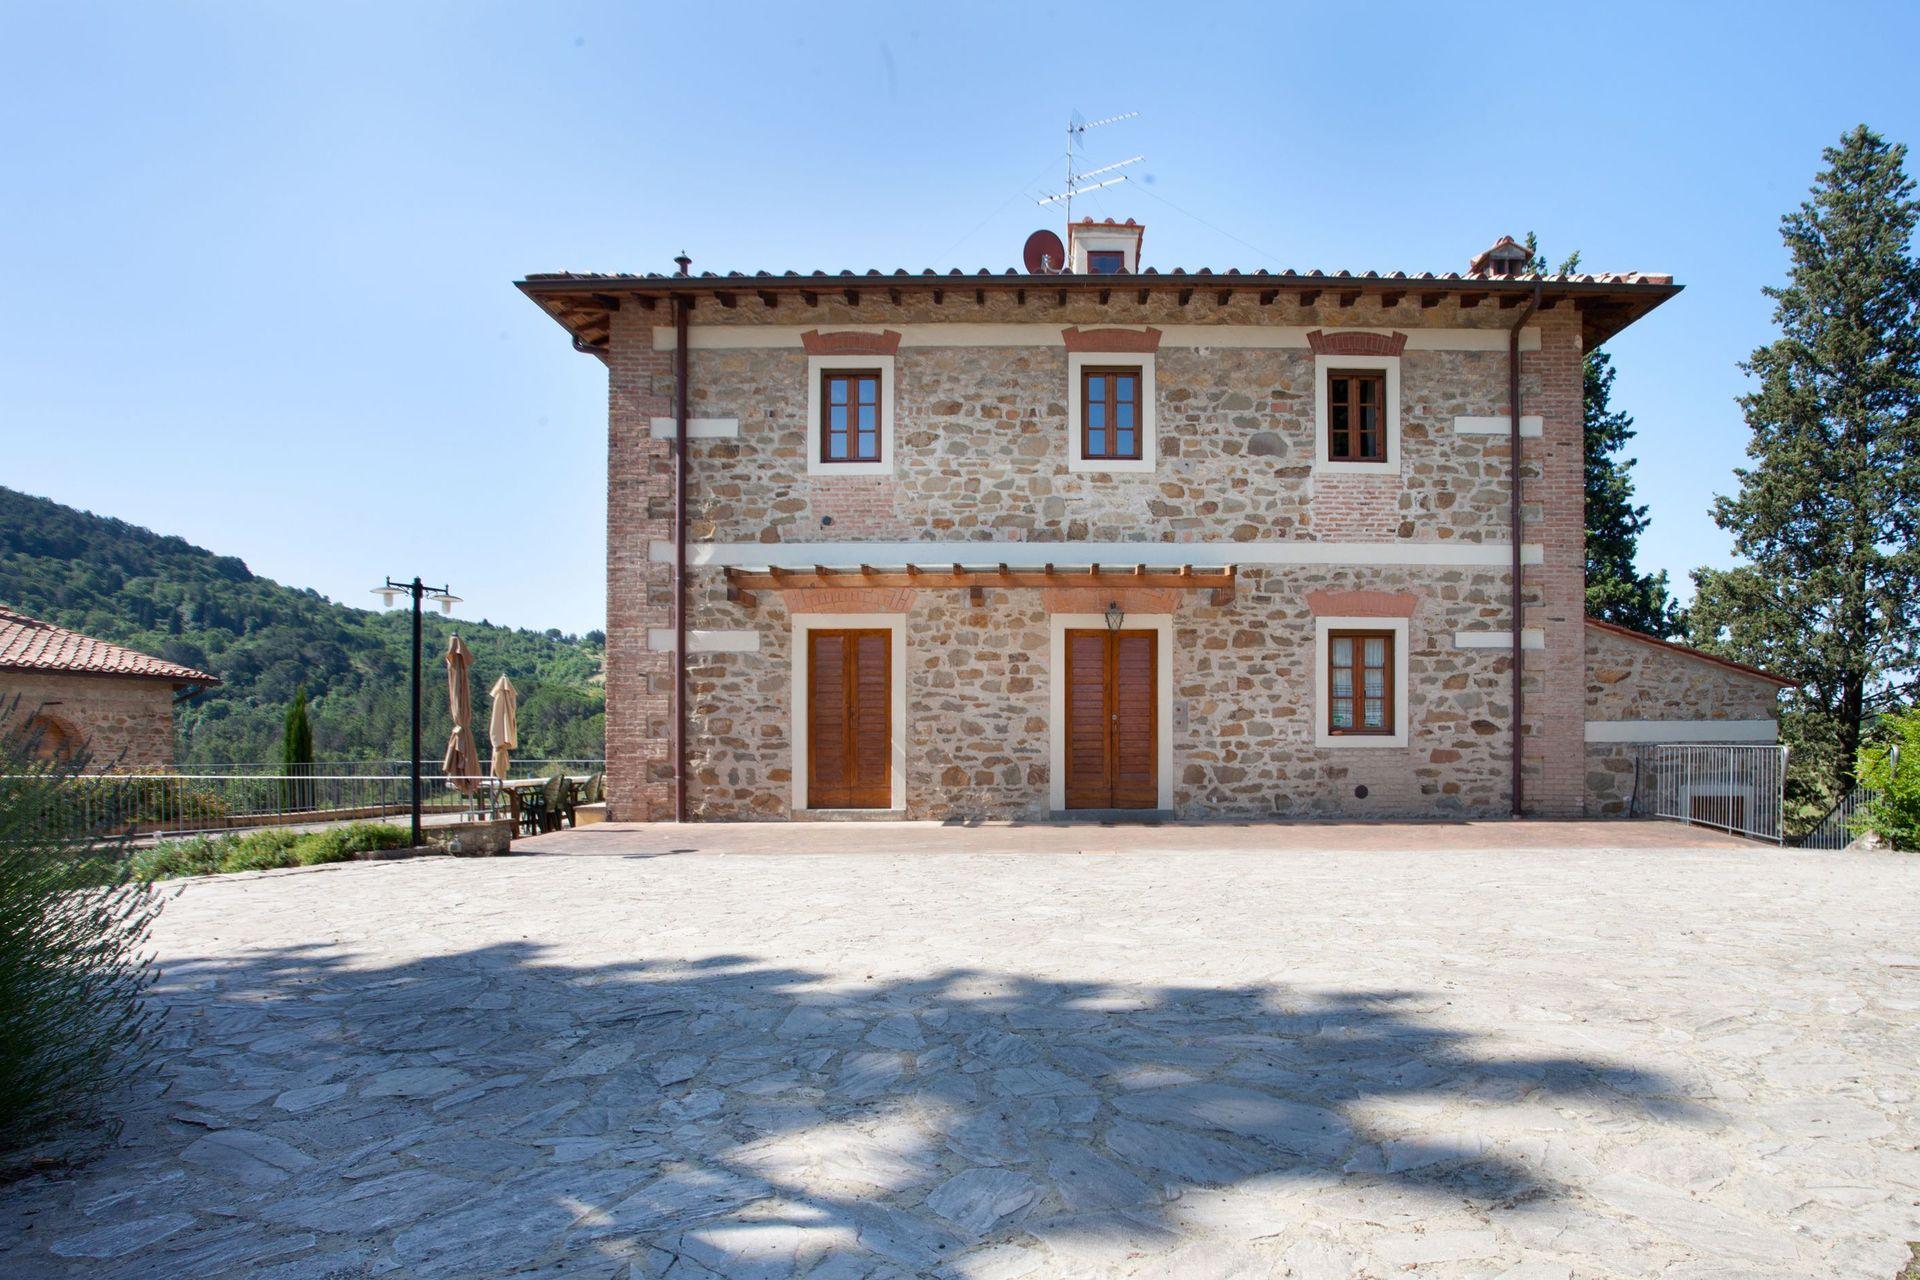 Villa Terrazza Location De Vacances - Couchages 18 Dans 8 ... intérieur Location Maison Piscine Privée Dernière Minute